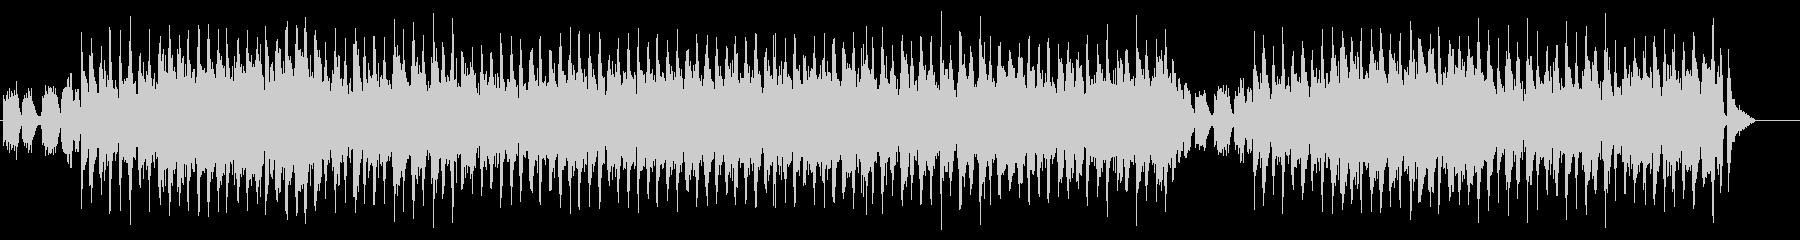 ナチュラルテイストのハイライフイメージの未再生の波形